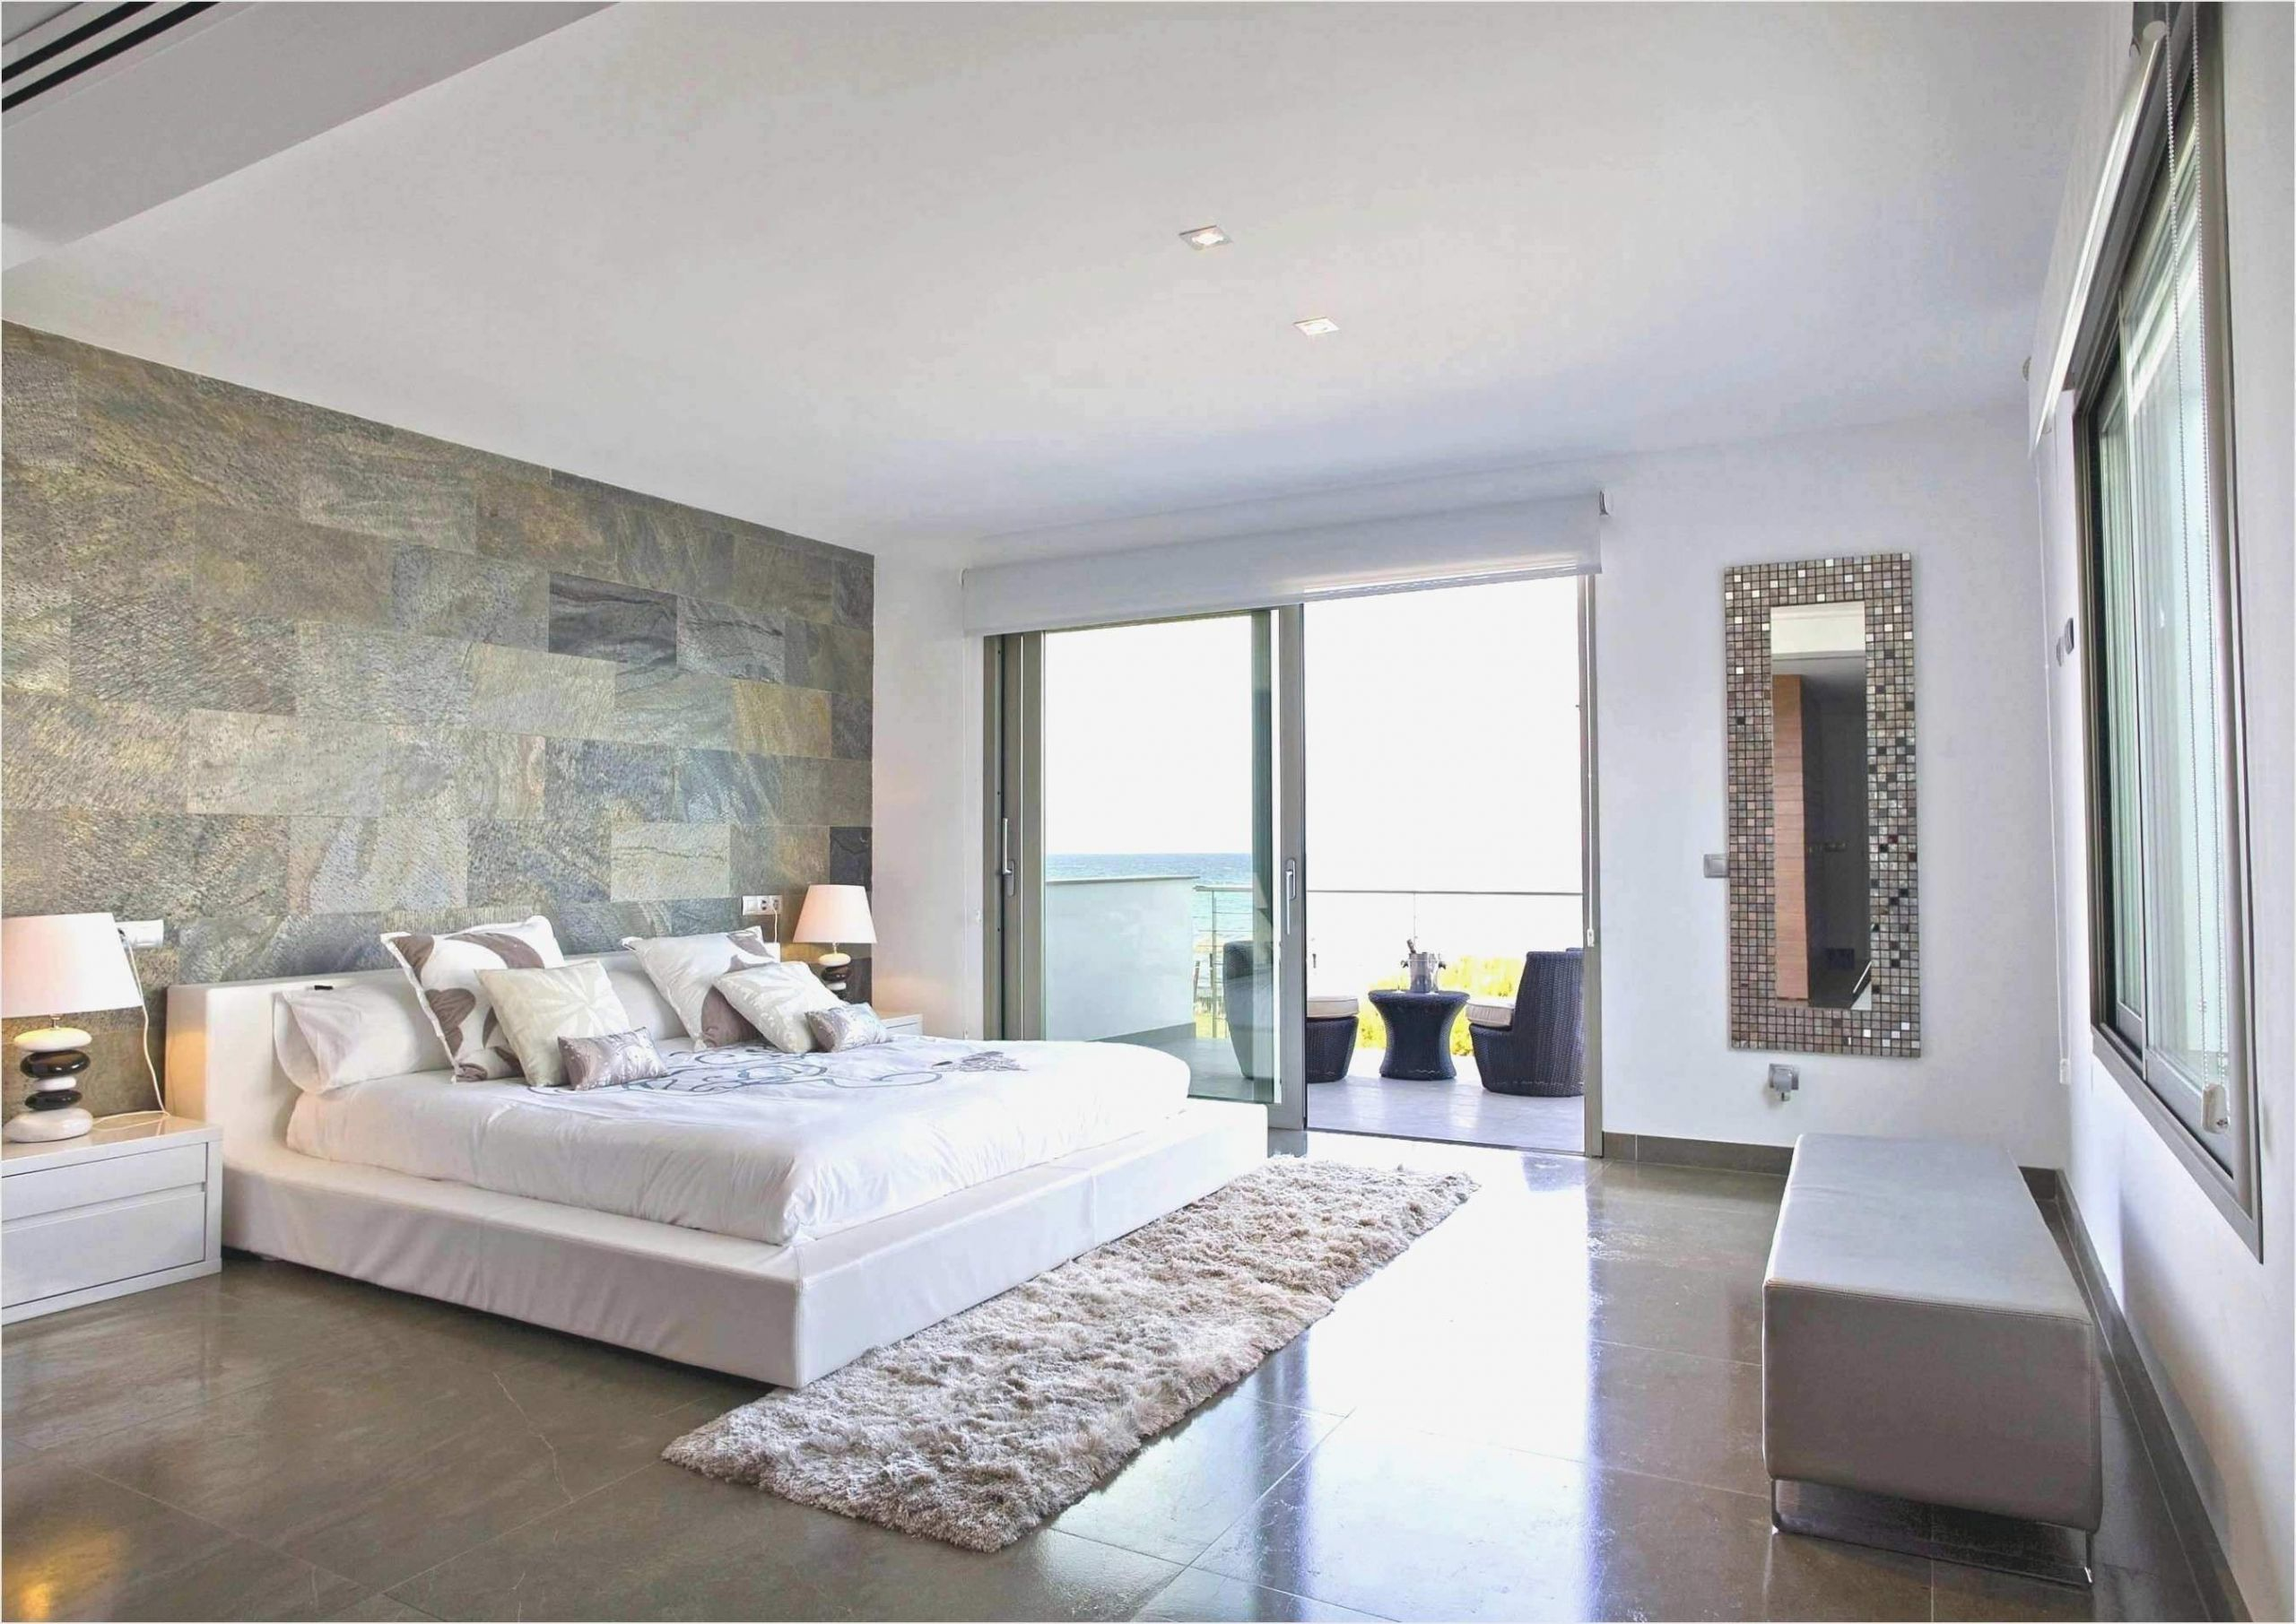 Deko Mauer Im Garten Elegant 32 Einzigartig Wanddeko Für Wohnzimmer Luxus